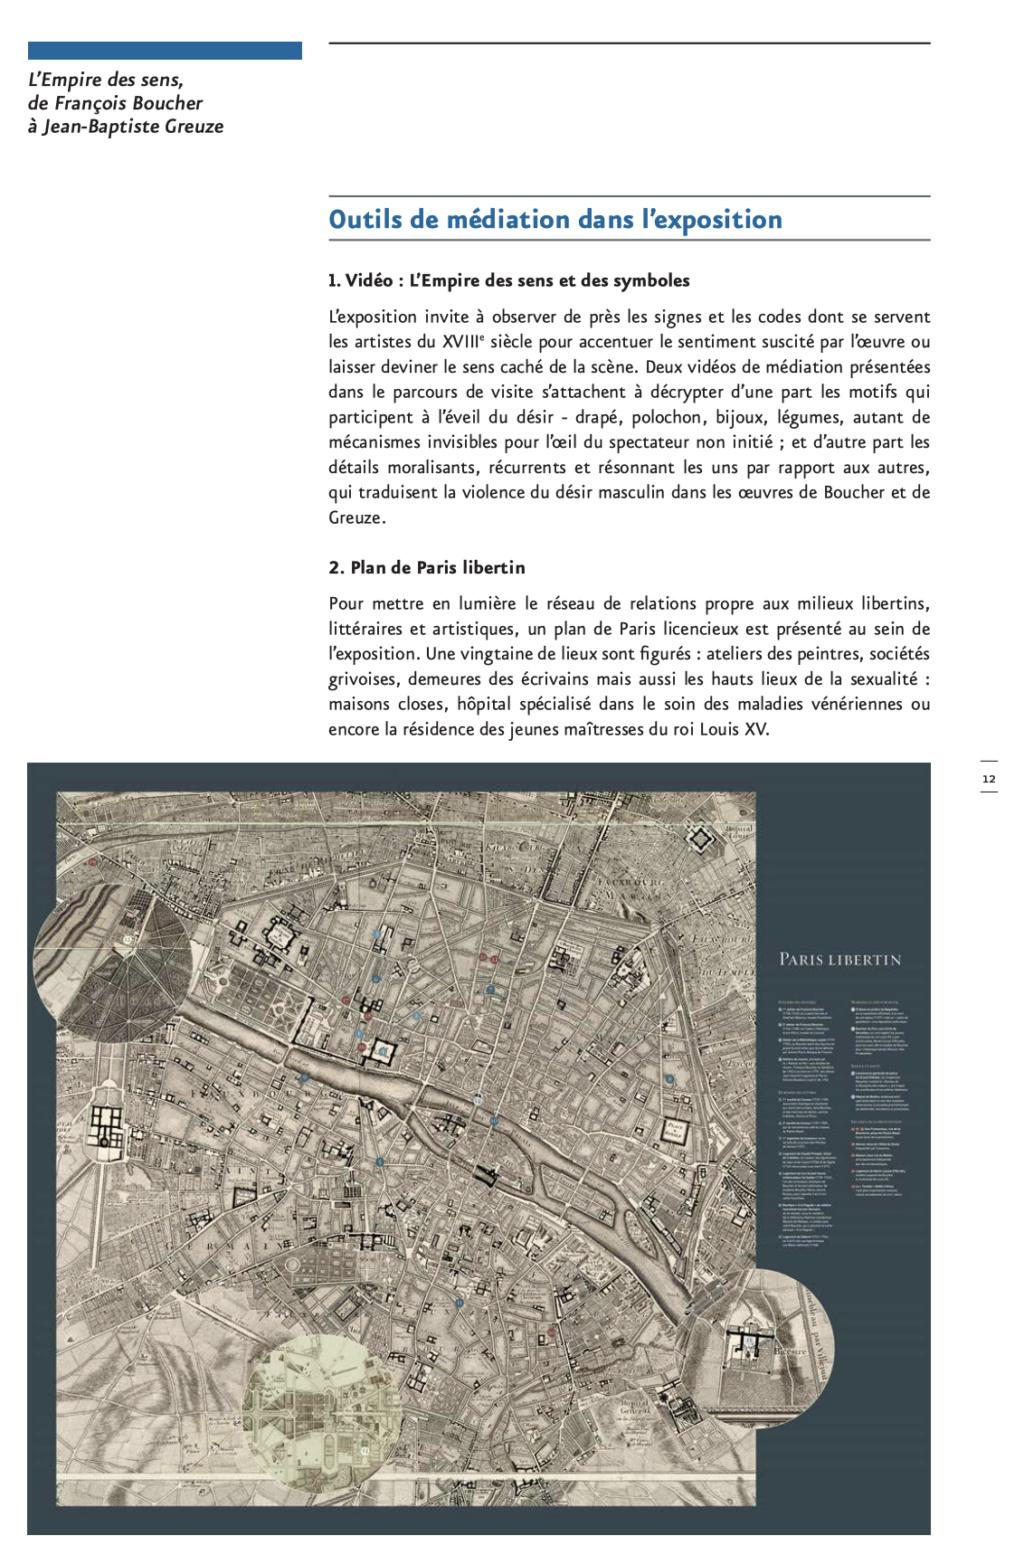 Exposition : L'Empire des sens, de François Boucher à Jean-Baptiste Greuze, au musée Cognacq-Jay Capt2876